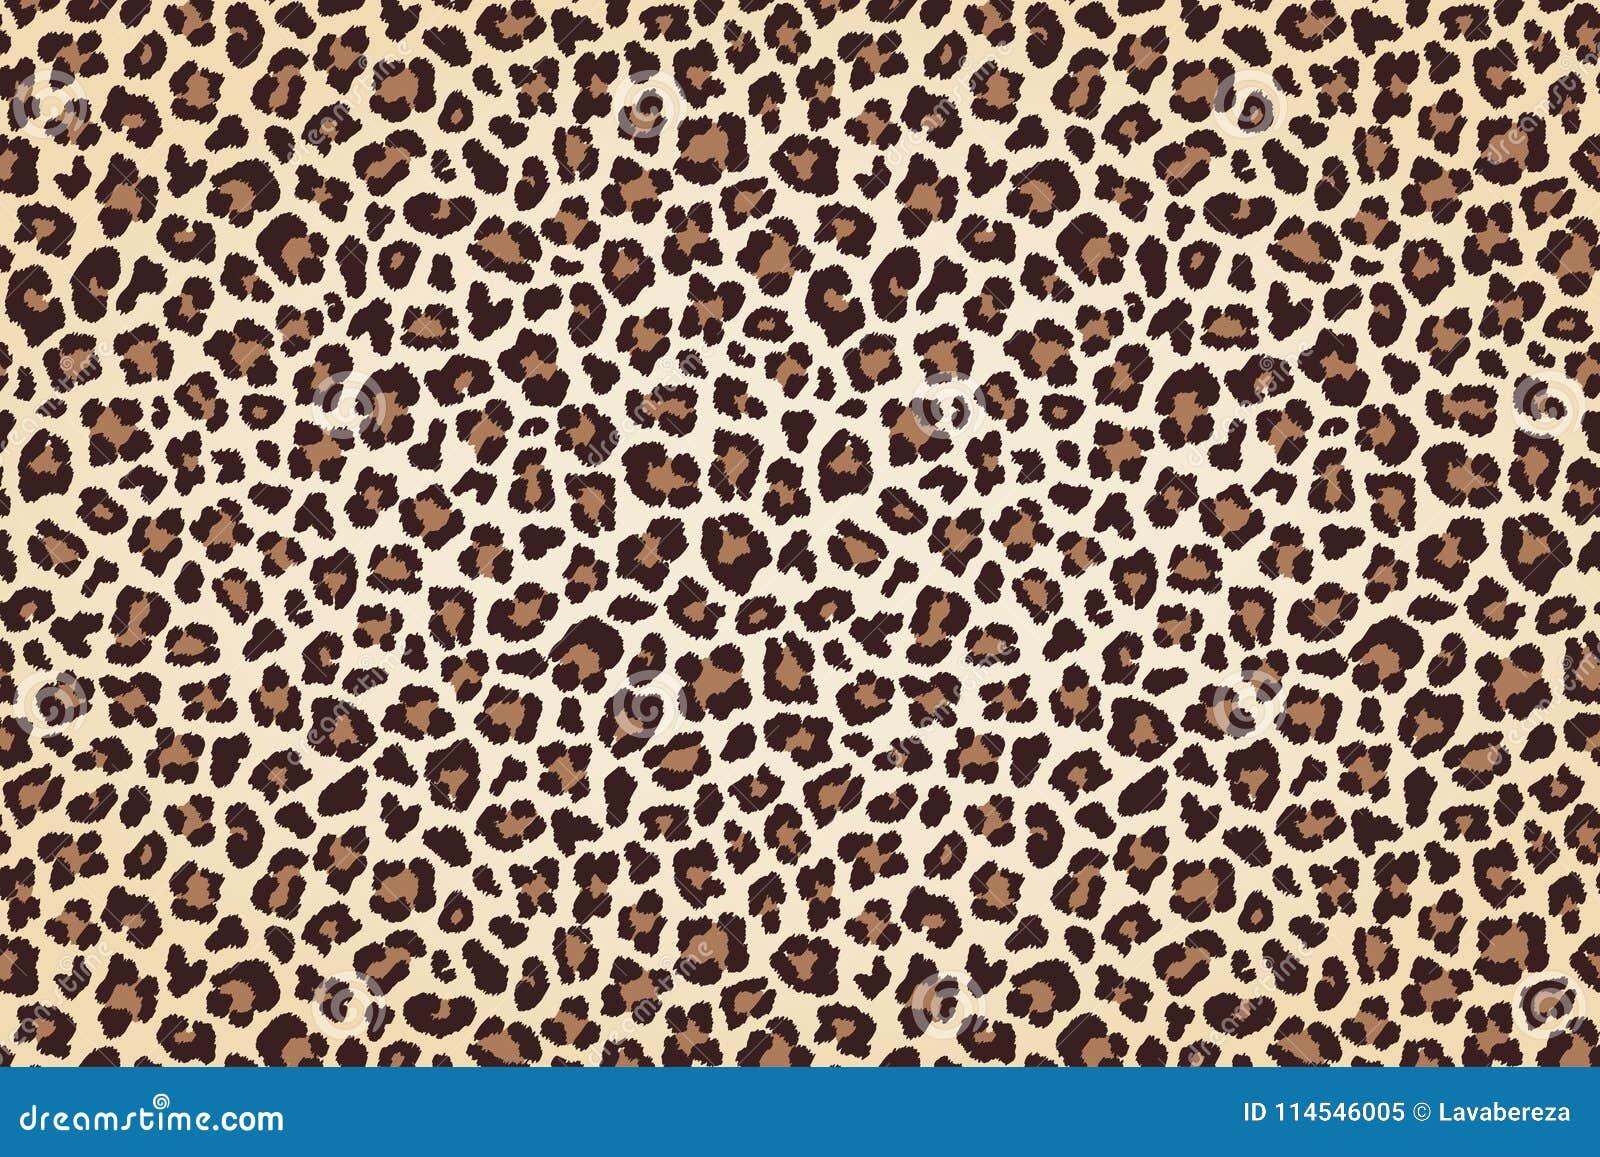 Leopardpelzdruck, horizontale Beschaffenheit mit dunklen Grenzen Vektor